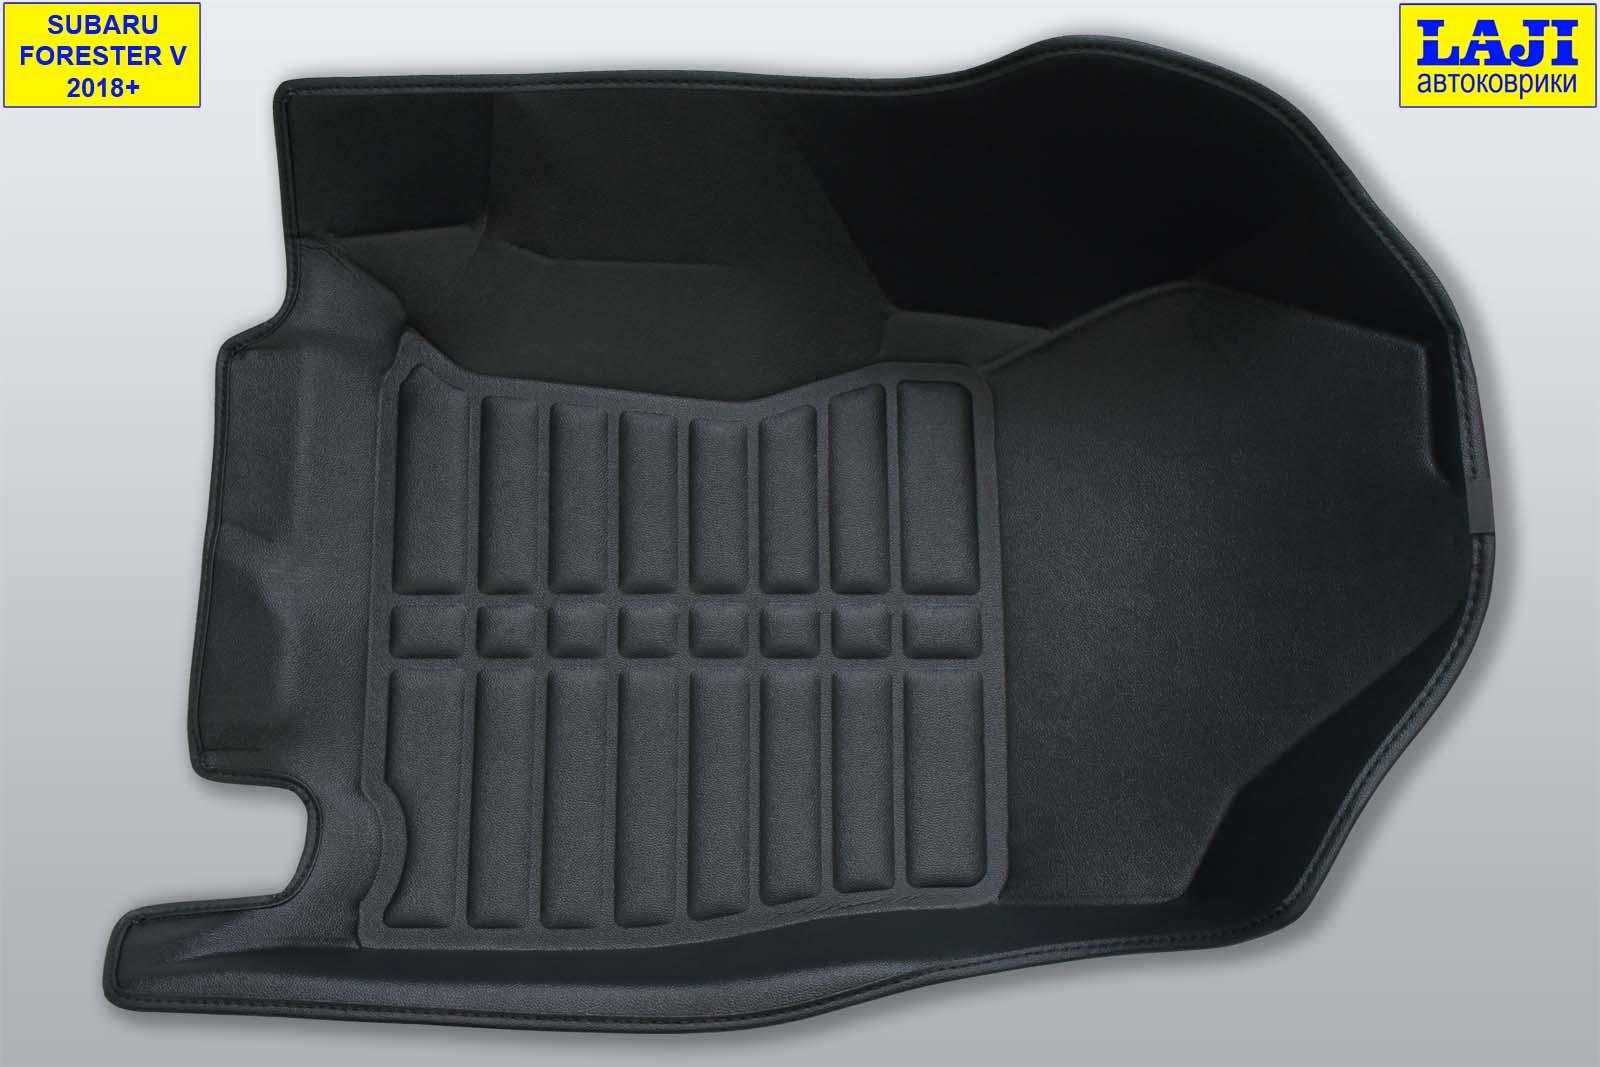 5D коврики в салон Subaru Forester 5 2018-н.в. 4